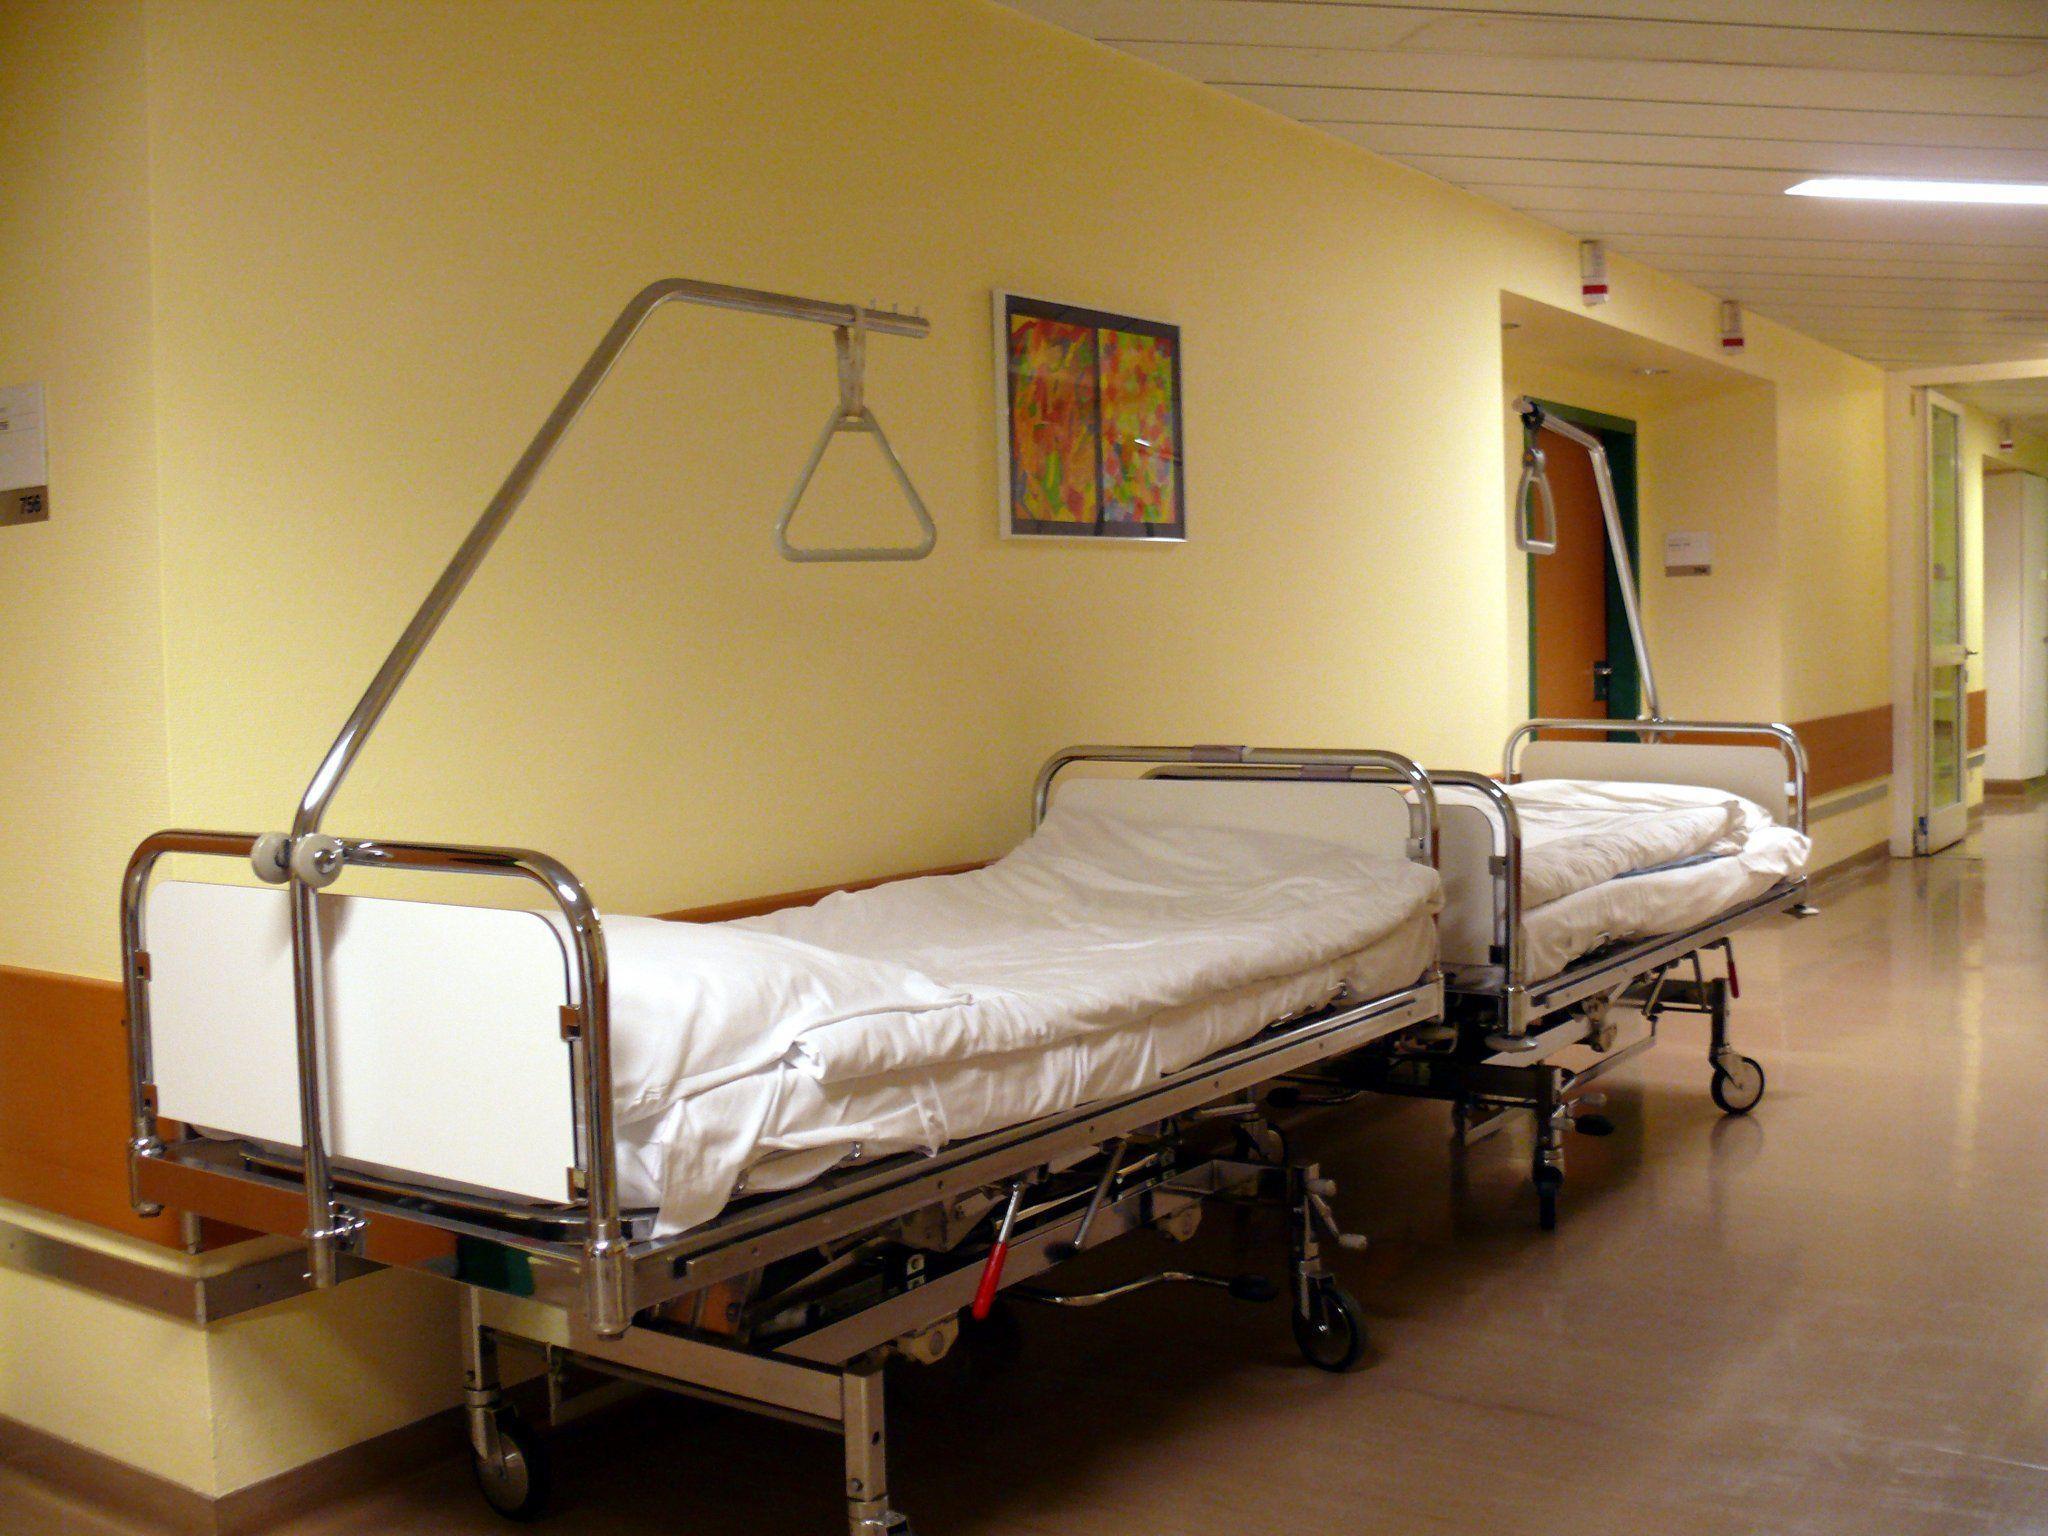 Die 39-Jährige wurde von einer Mitarbeiterin des Krankenhauses tot in ihrem Zimmer entdeckt.